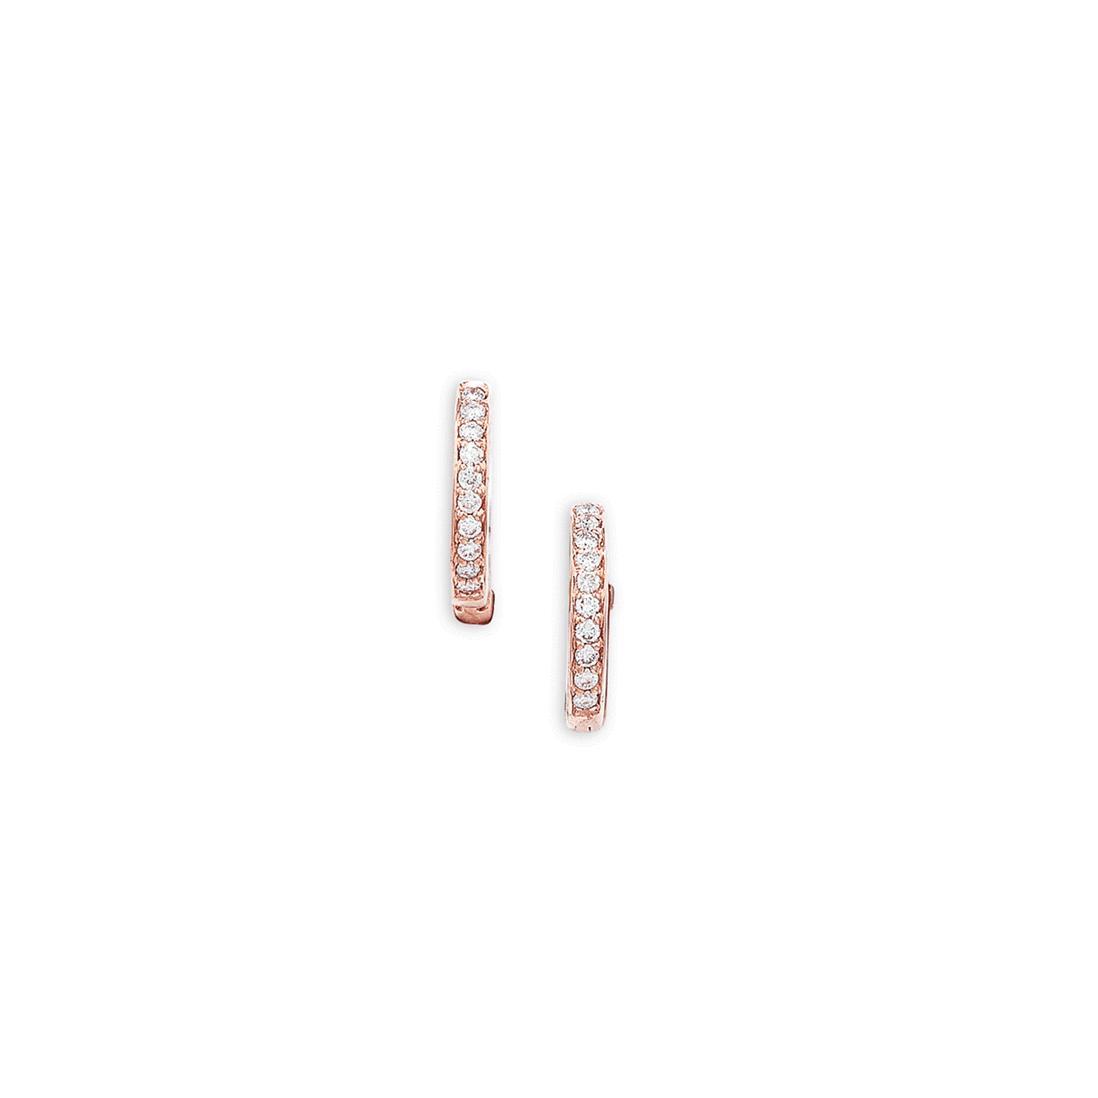 London Road Jewellery Portobello Meridian White Gold Diamond Hoop Earrings jwGzBnM